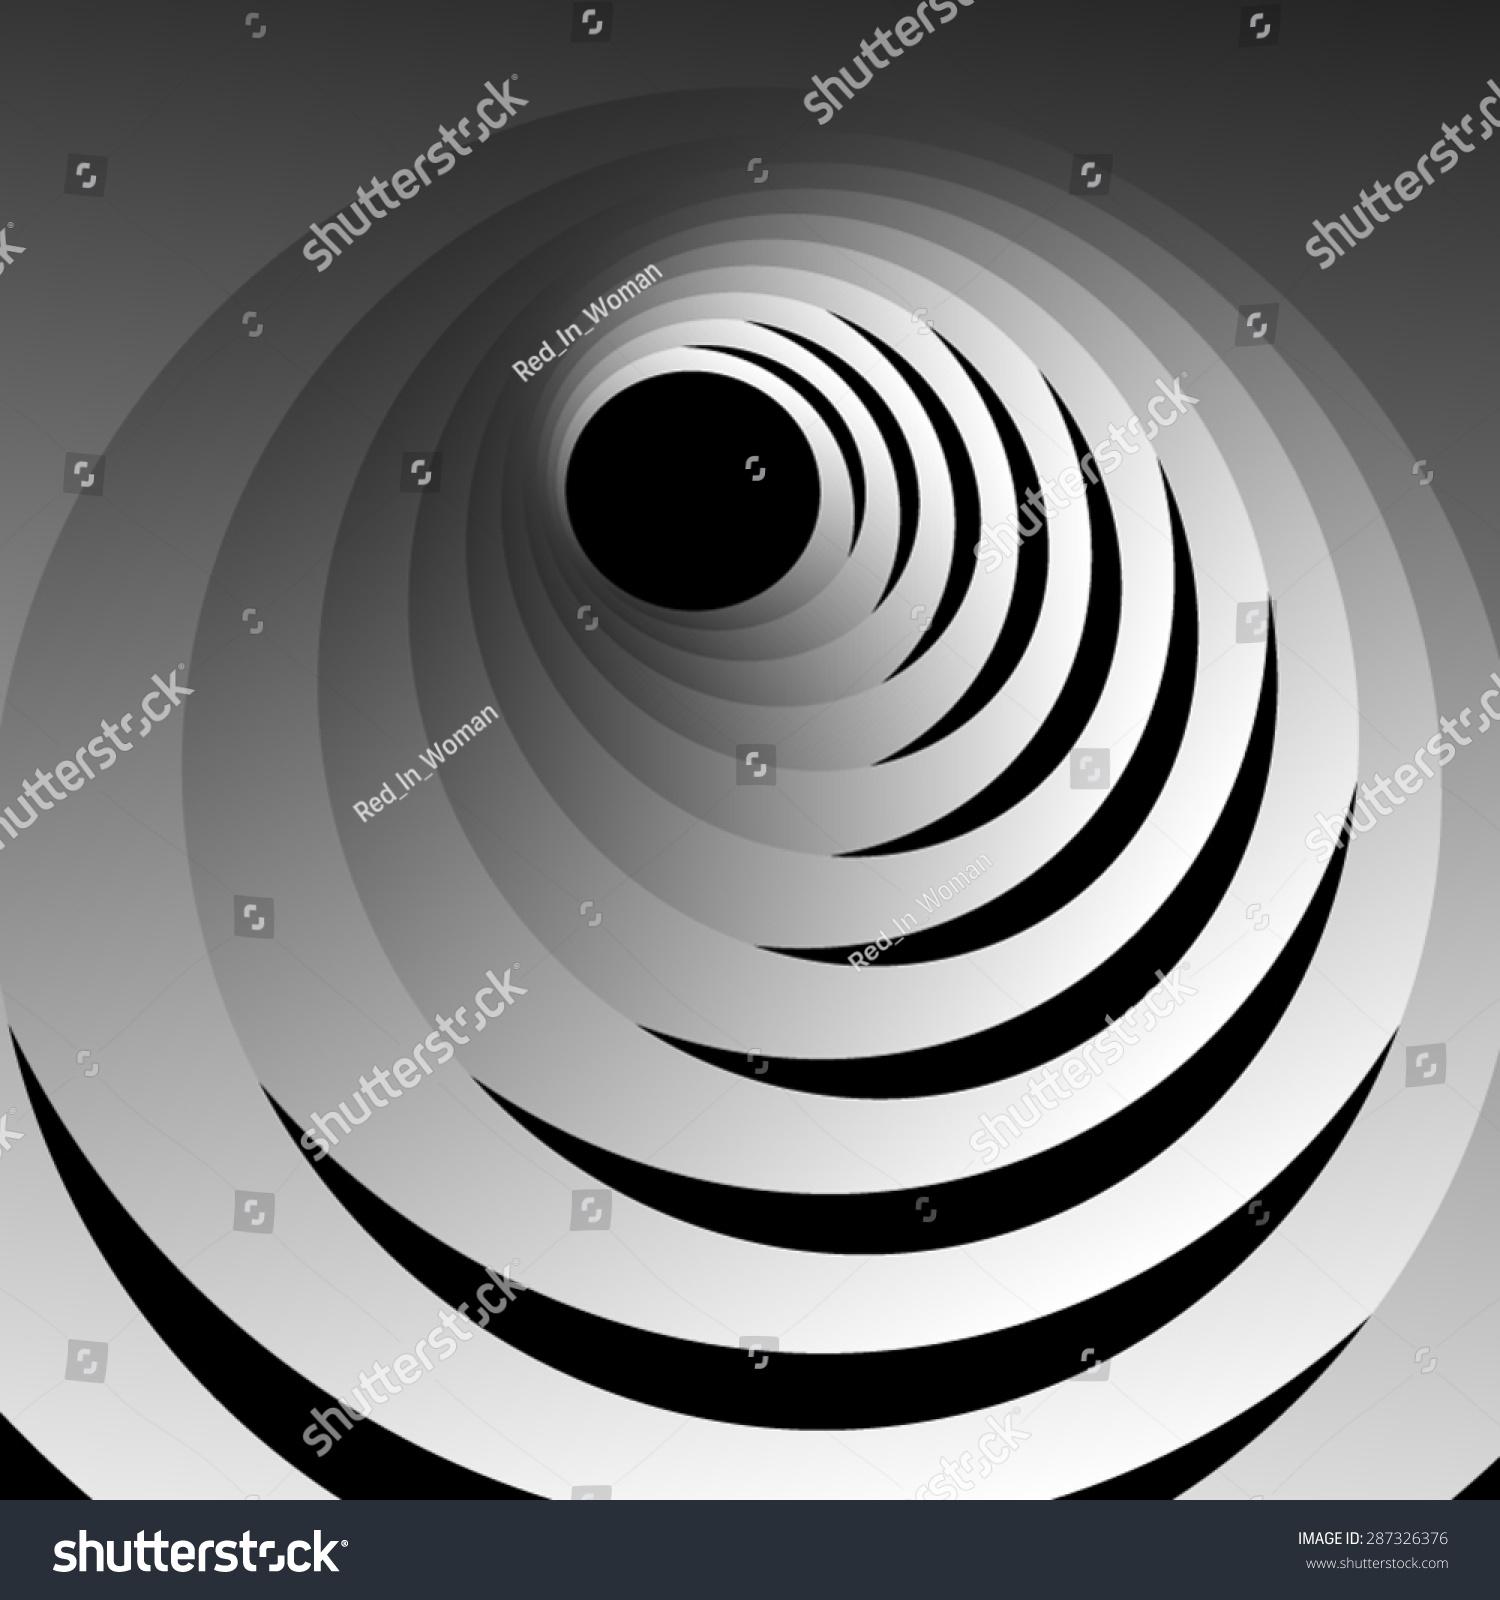 swirling black hole - photo #28